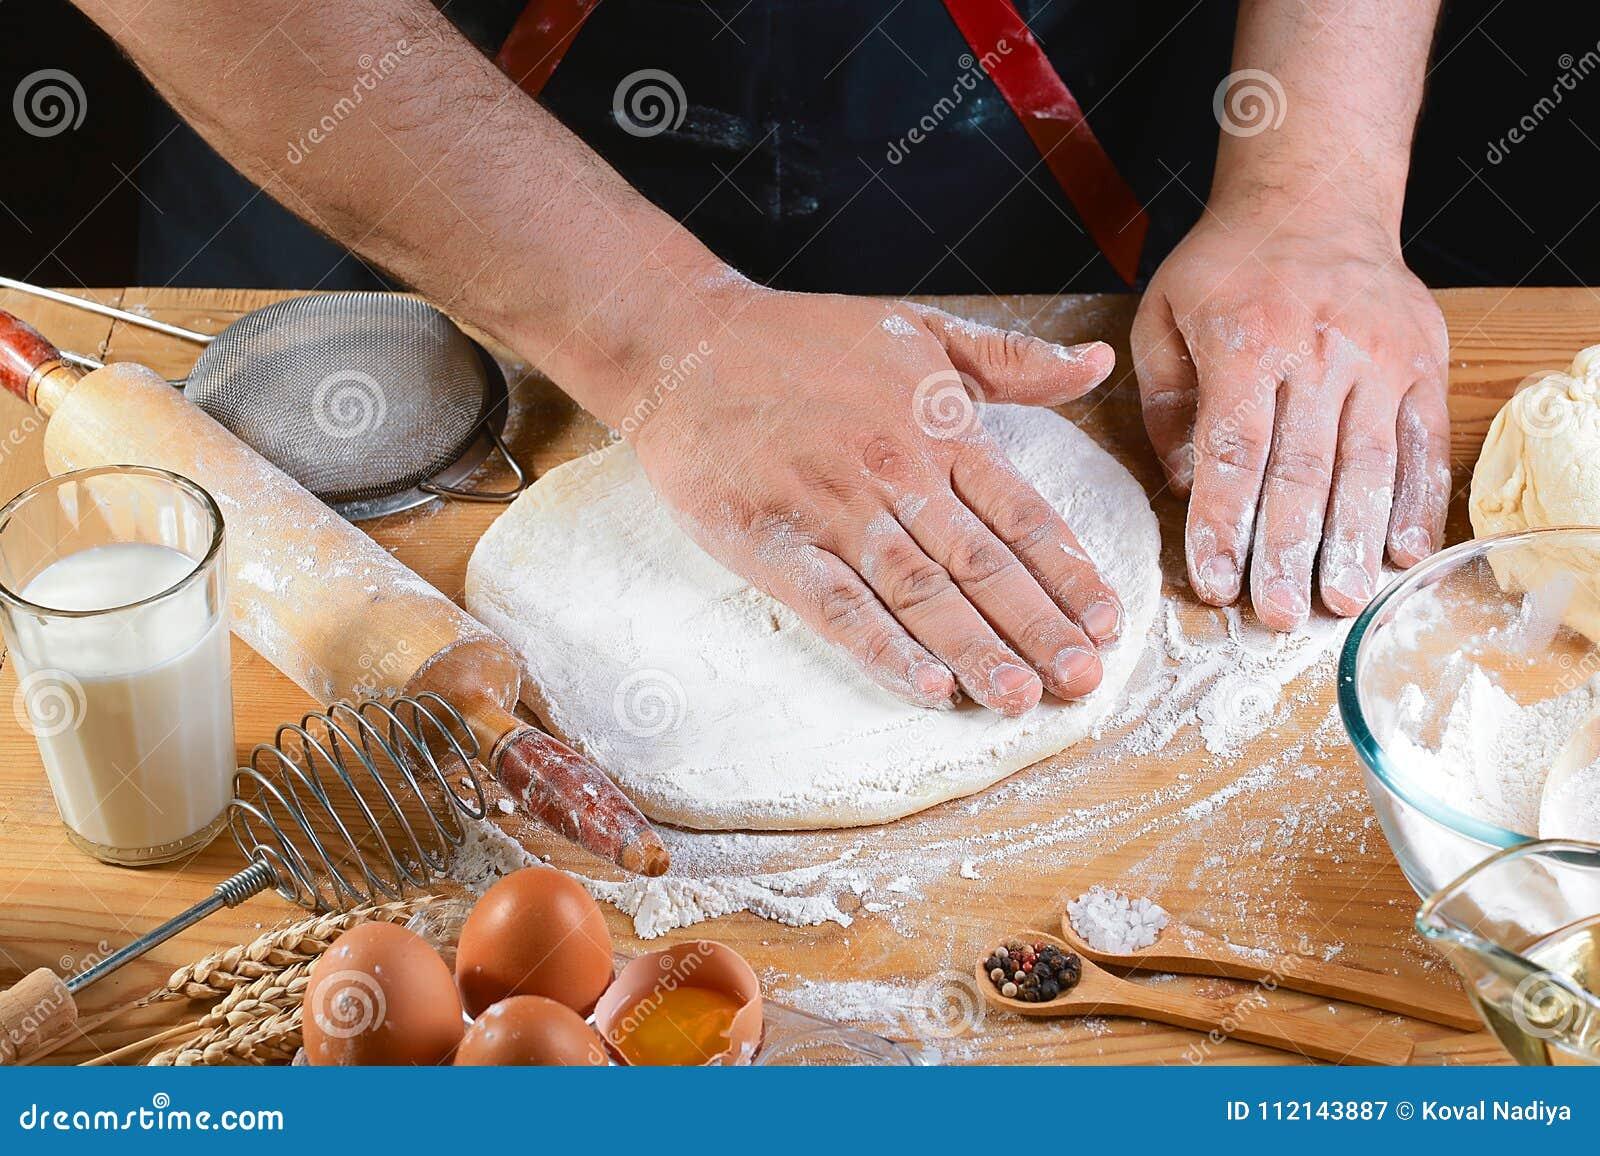 Pâte de roulement de Baker avec des ingrédients de recette de pain, de pizza ou de tarte de farine avec les mains, nourriture sur